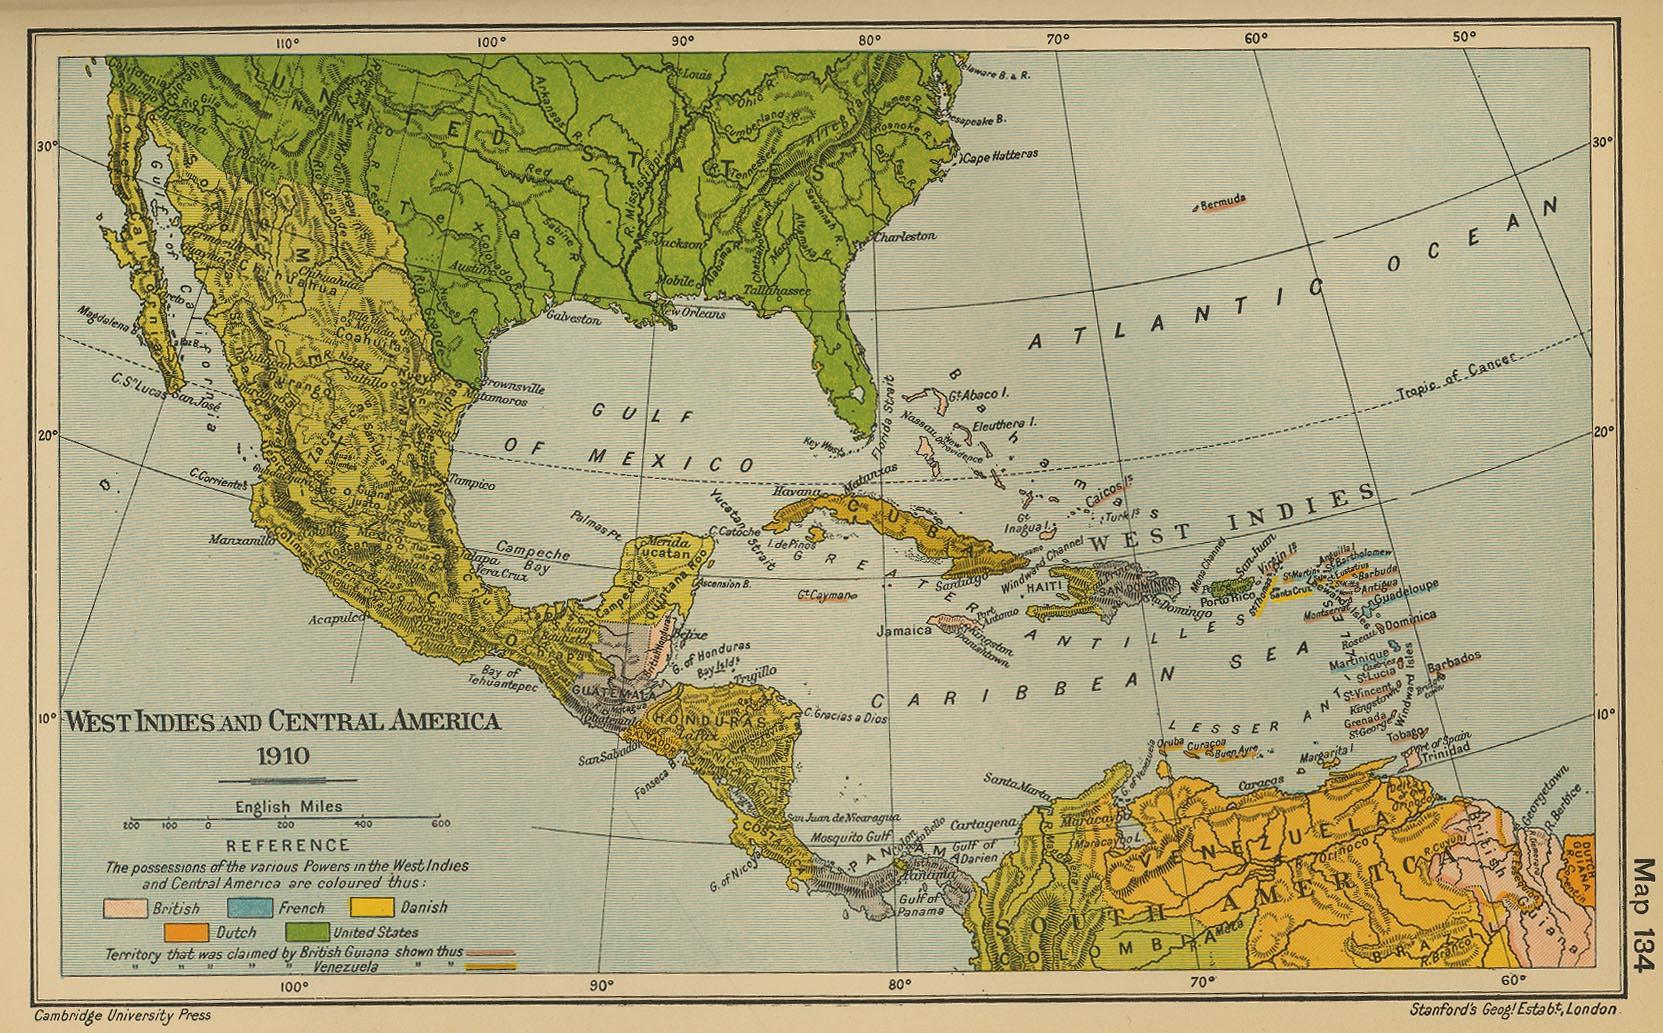 Mapa histórico de América Central y Caribe 1910